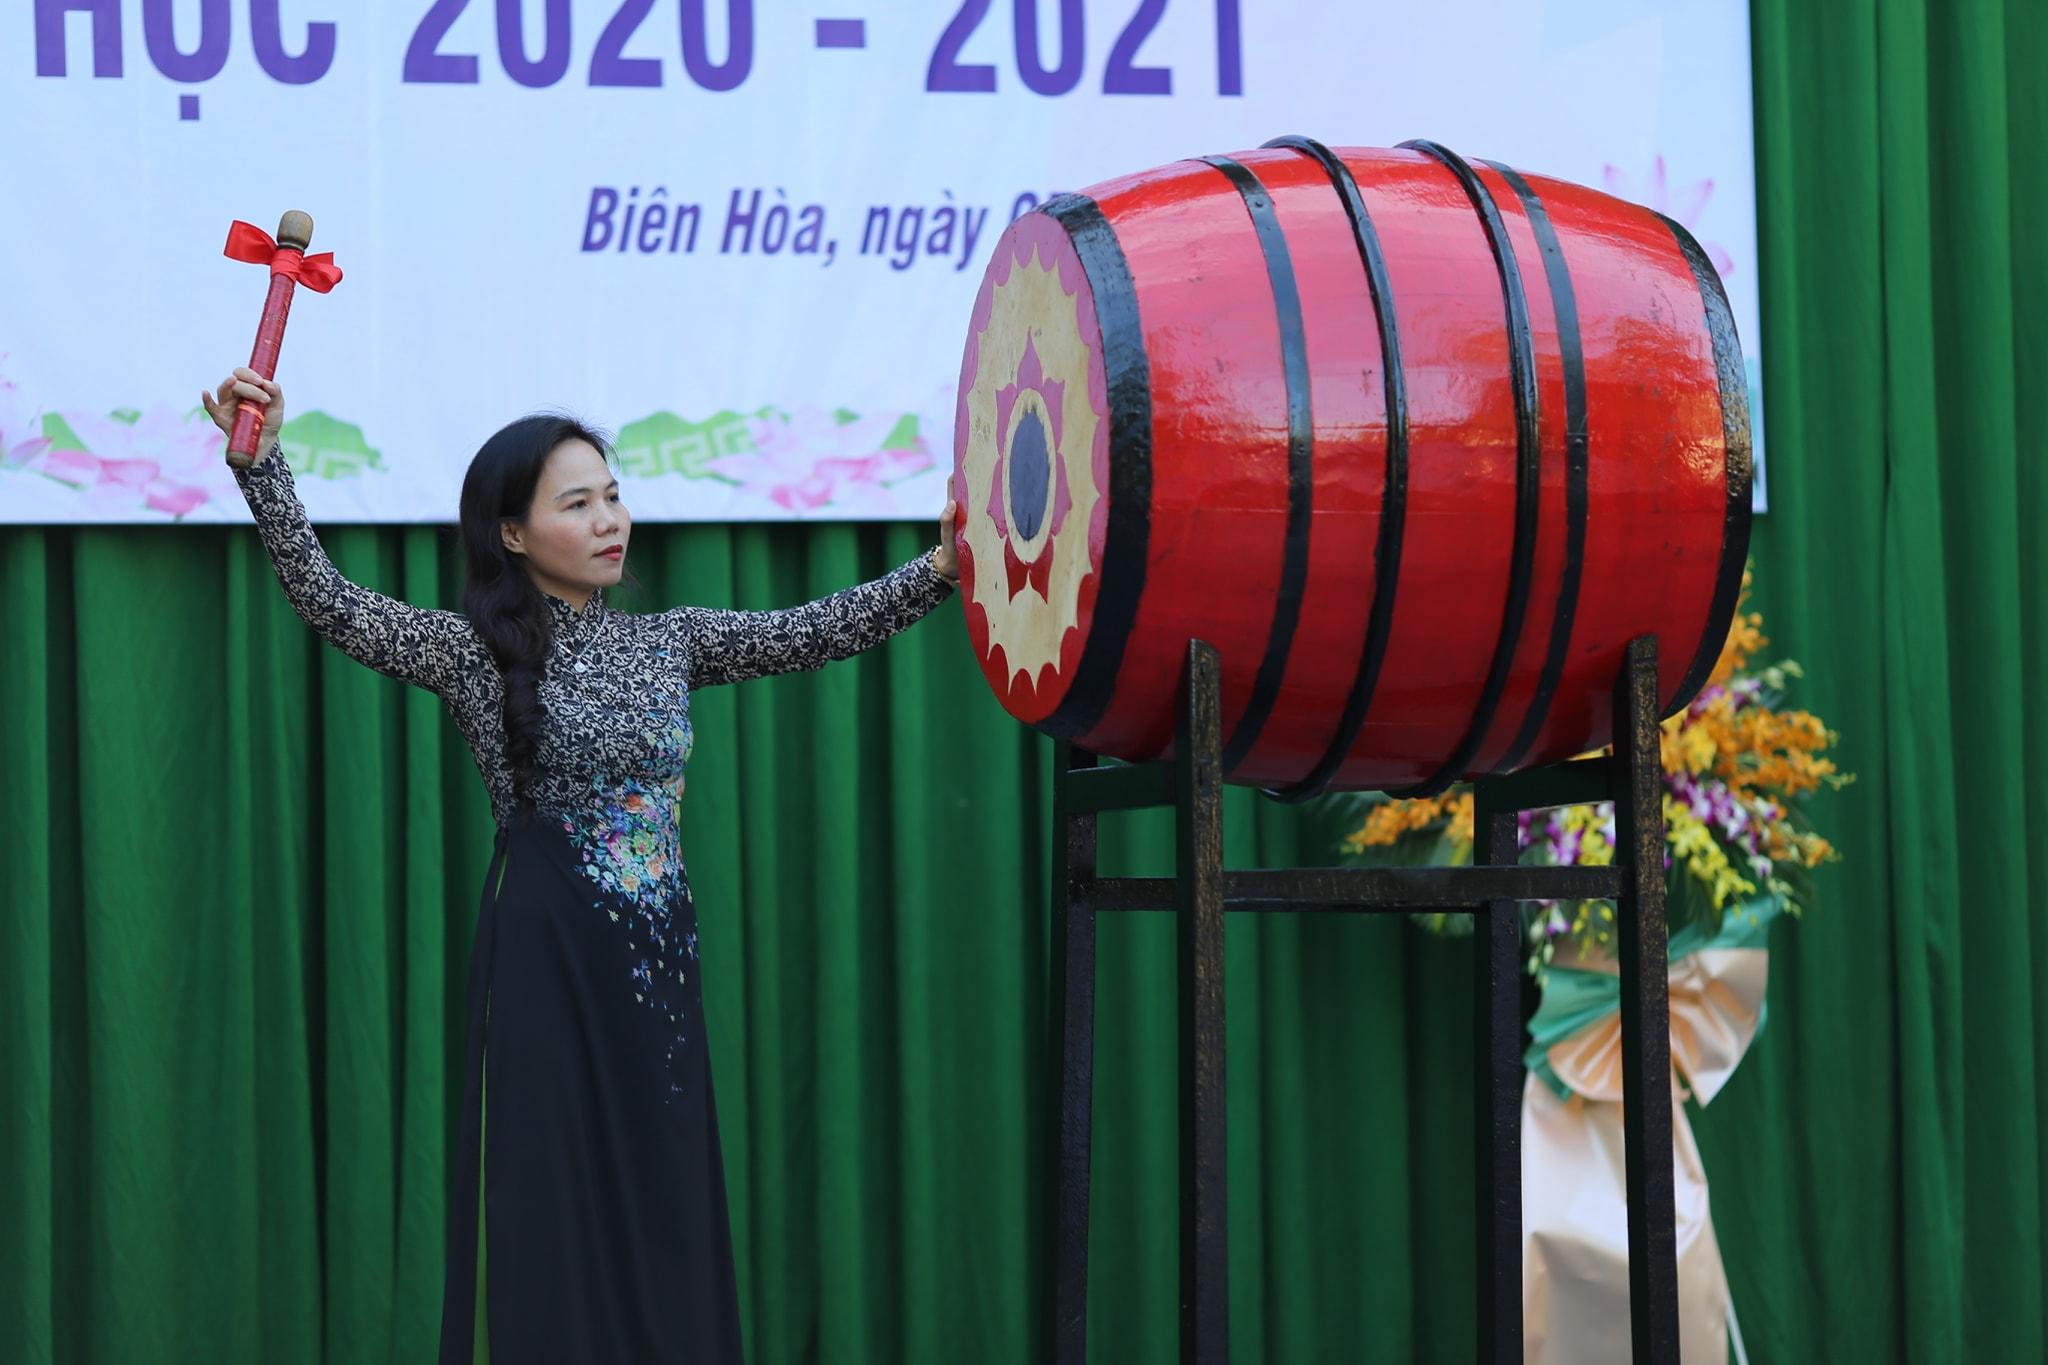 Cô Phạm Thị Thanh Hà - Bí thư chi bộ - Hiệu trưởng, đánh trống khai giảng năm học mới